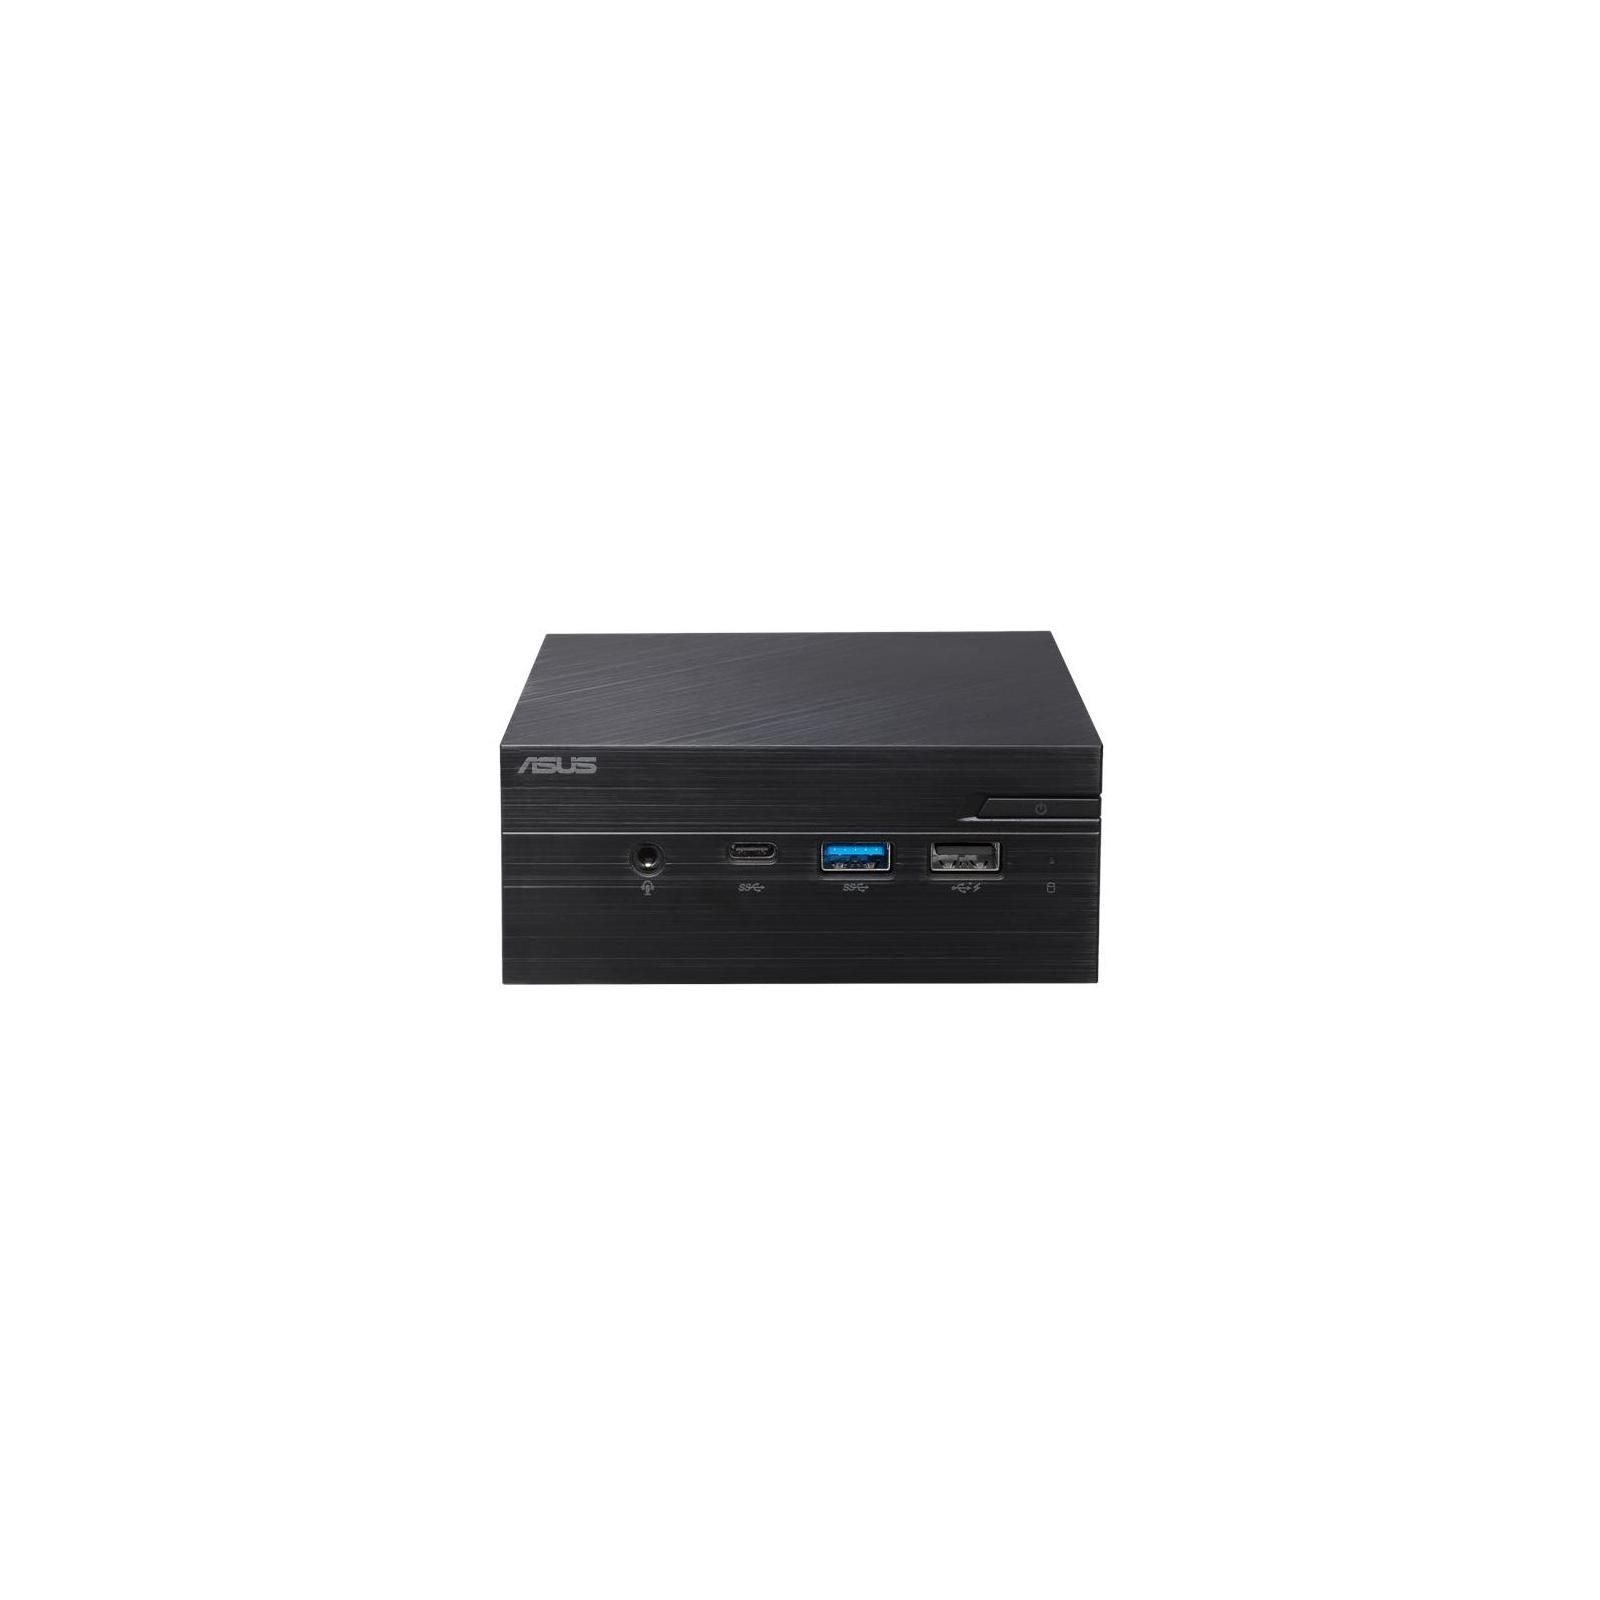 Компьютер ASUS PN40-BB009MC (90MS0181-M01480) изображение 7